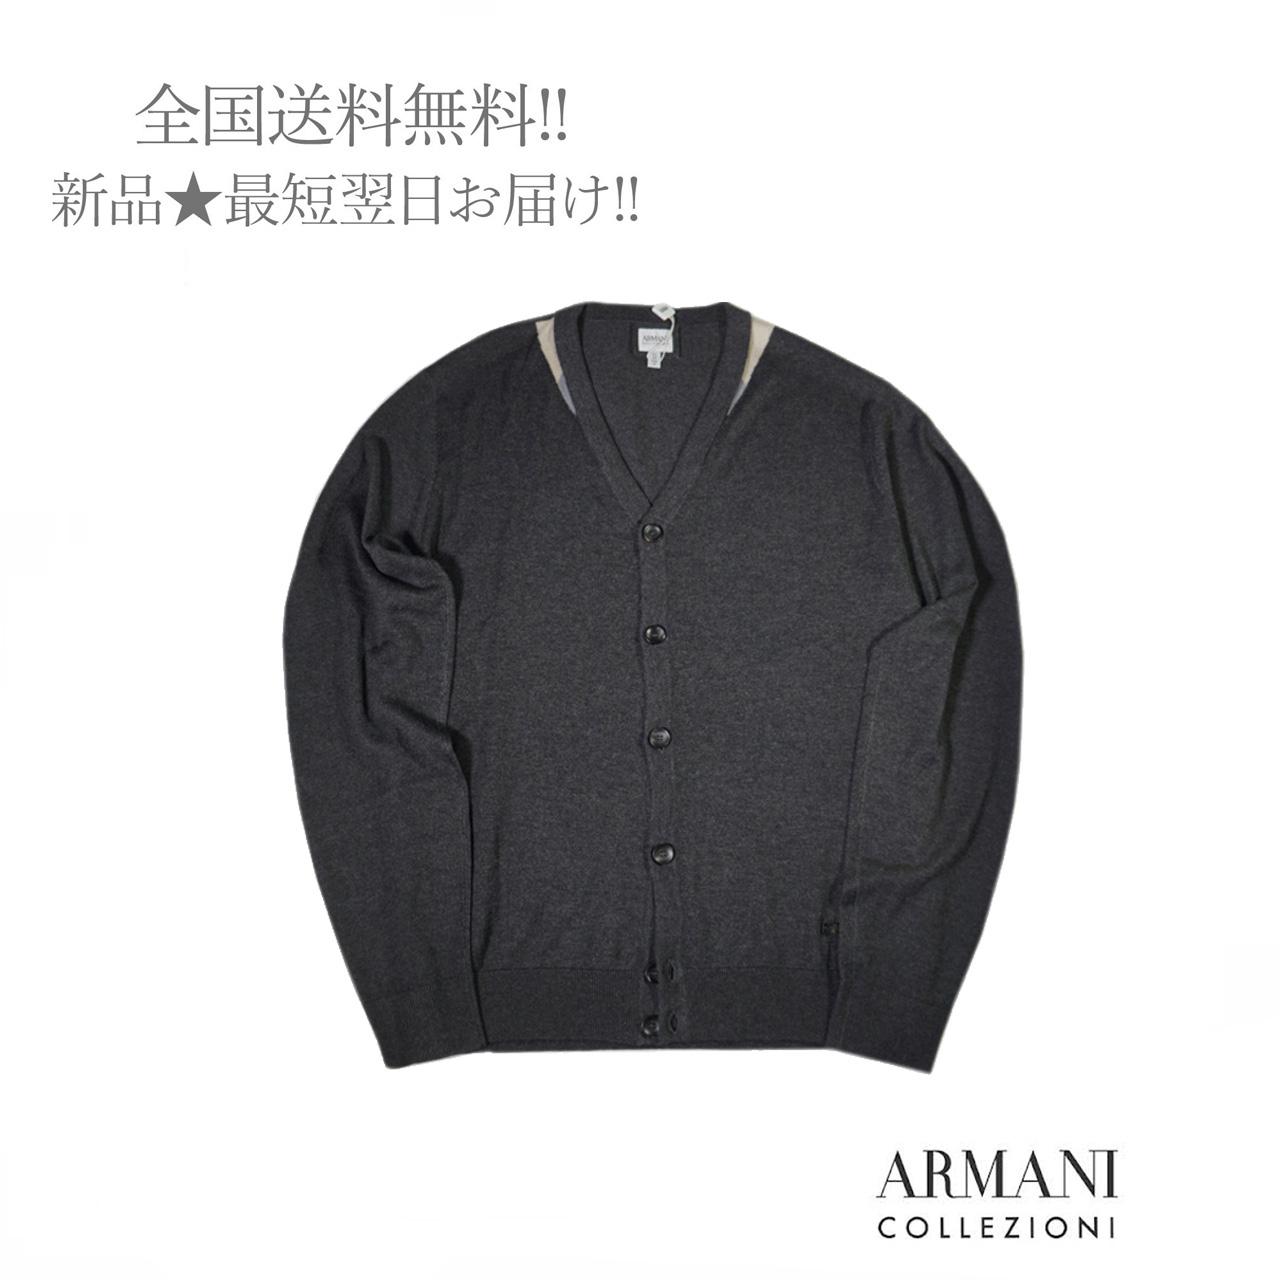 ARMANI COLLEZIONI アルマーニ コレツォーニ カーディガン シルク 絹 男 新品 極上素材 52 メンズ 現品 ダークグレー 驚きの値段